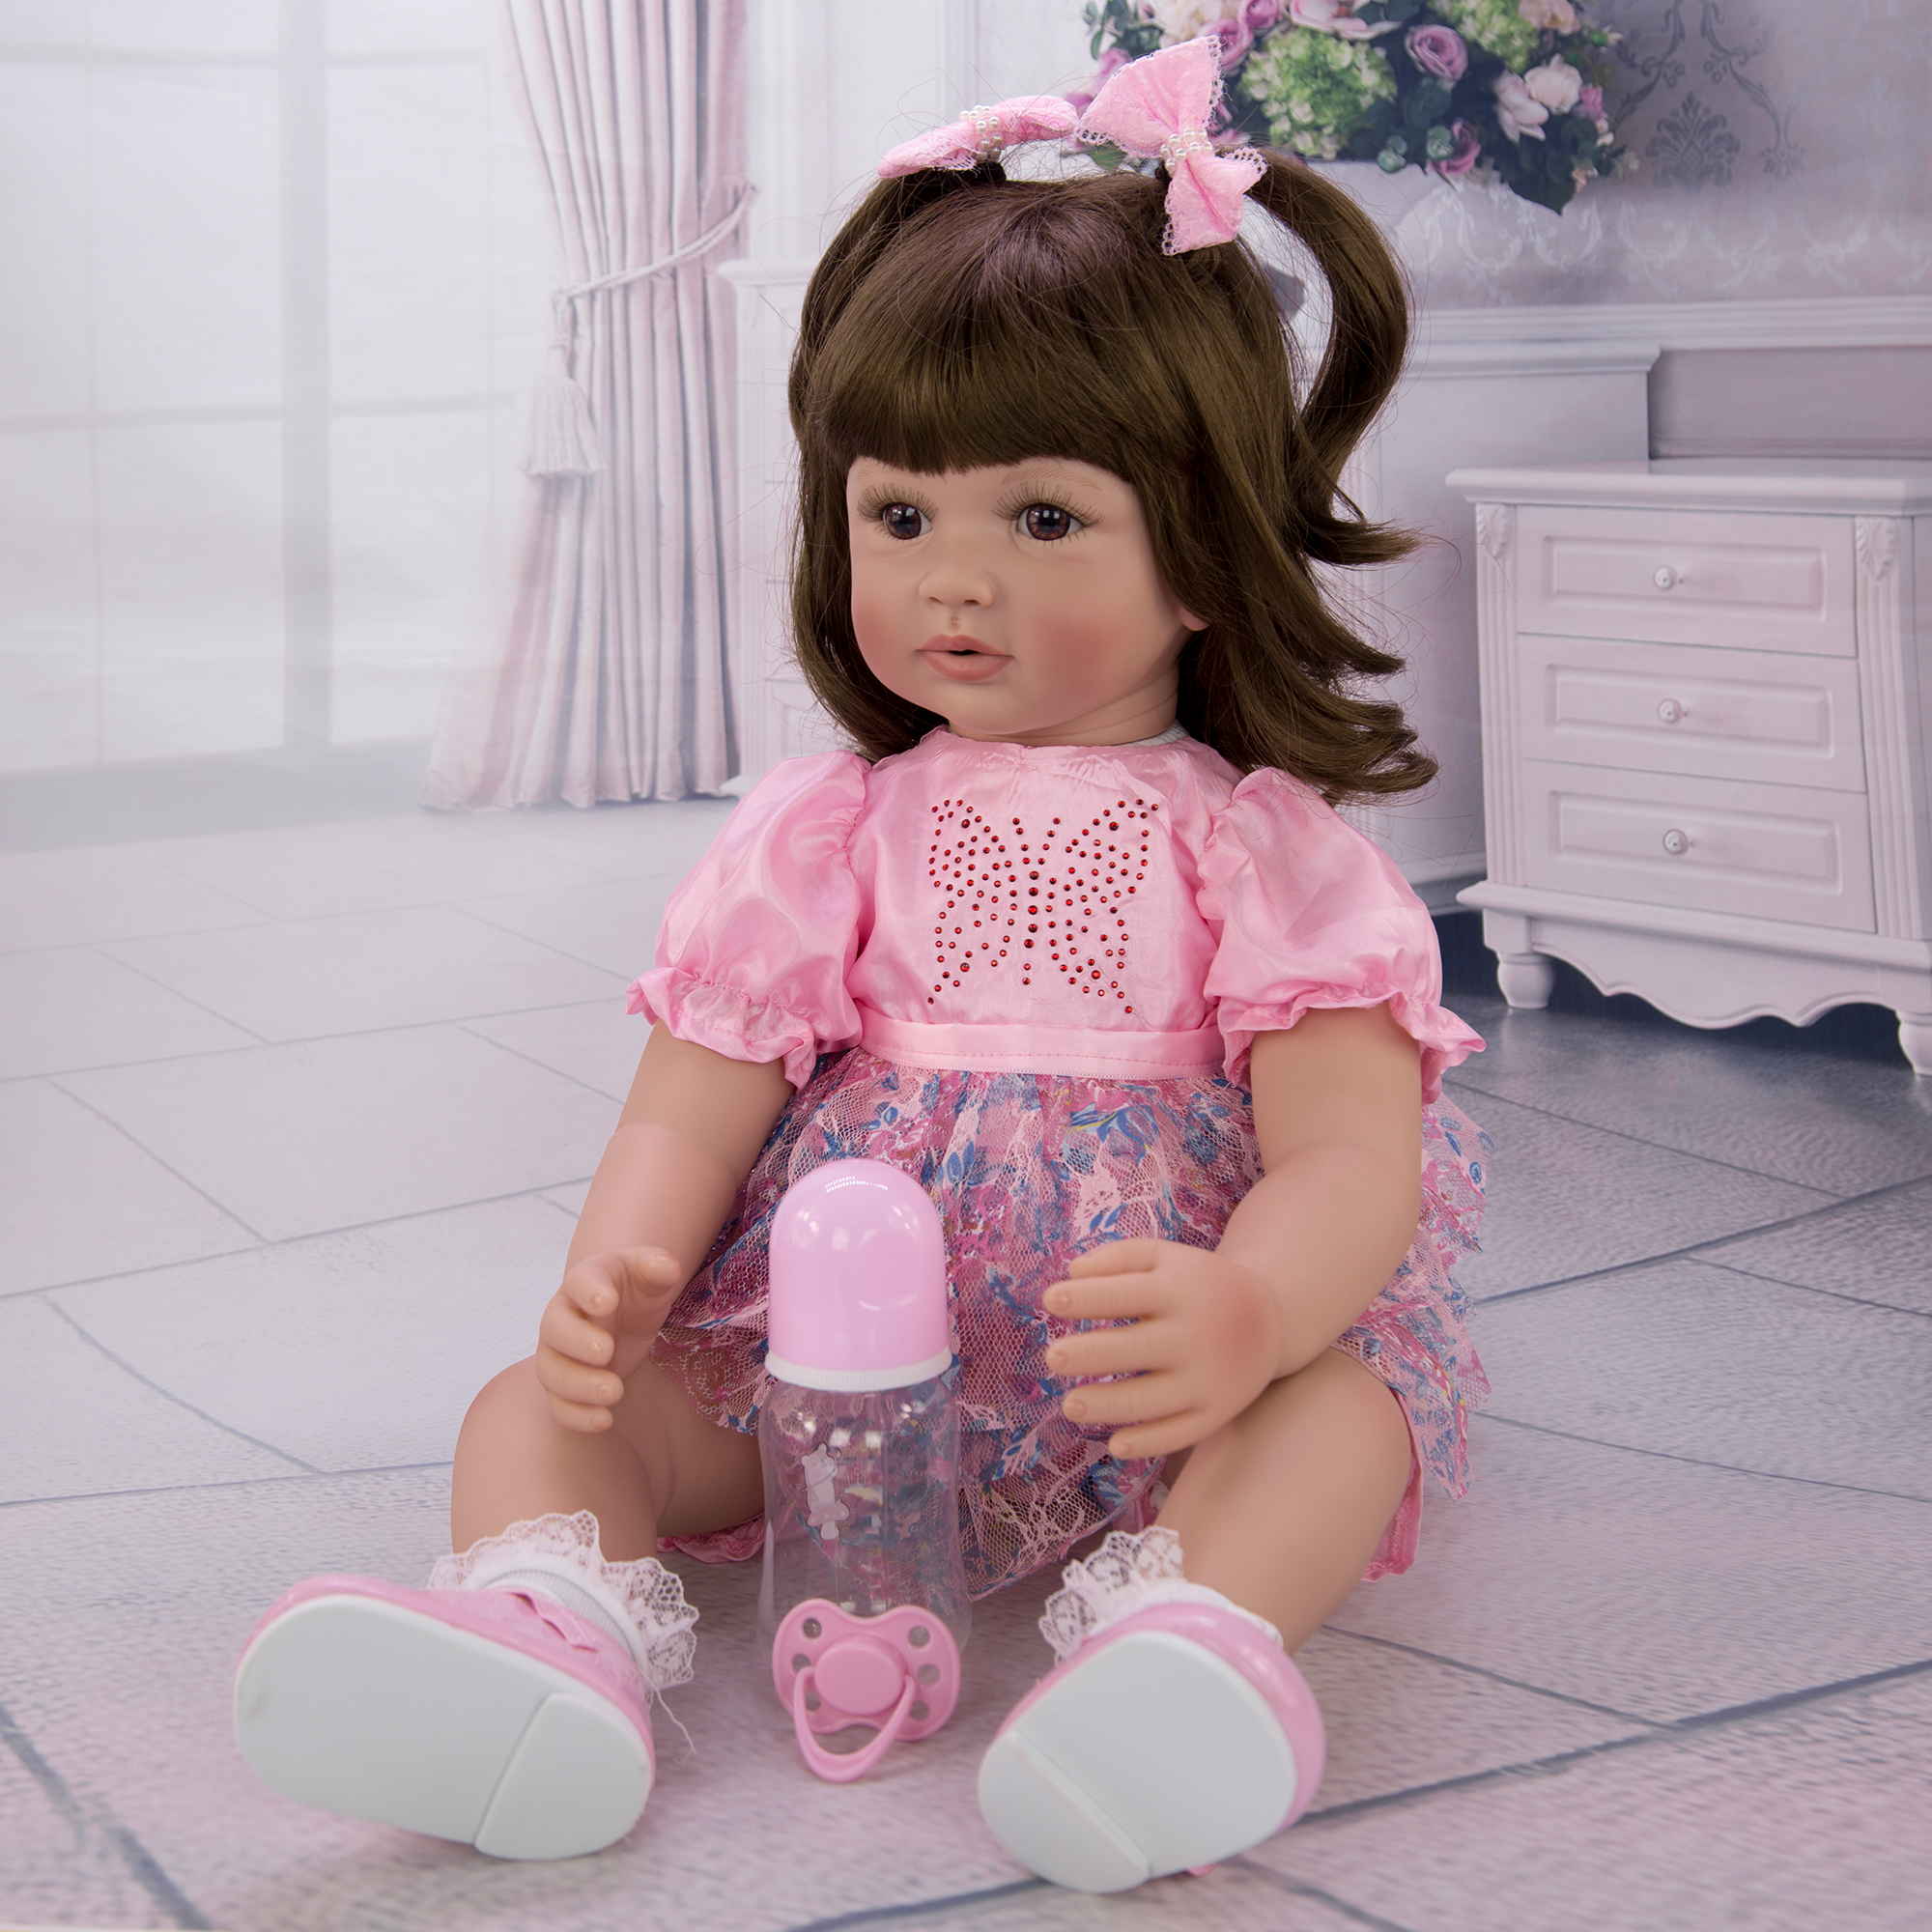 KEIUMI 24 Inch Reborn Puppen 60cm Tuch Körper Neugeborenen Mädchen Babys Spielzeug Prinzessin Boneca Baby Puppe Für Verkauf Kid geburtstag Geschenk Sammeln-in Puppen aus Spielzeug und Hobbys bei  Gruppe 3